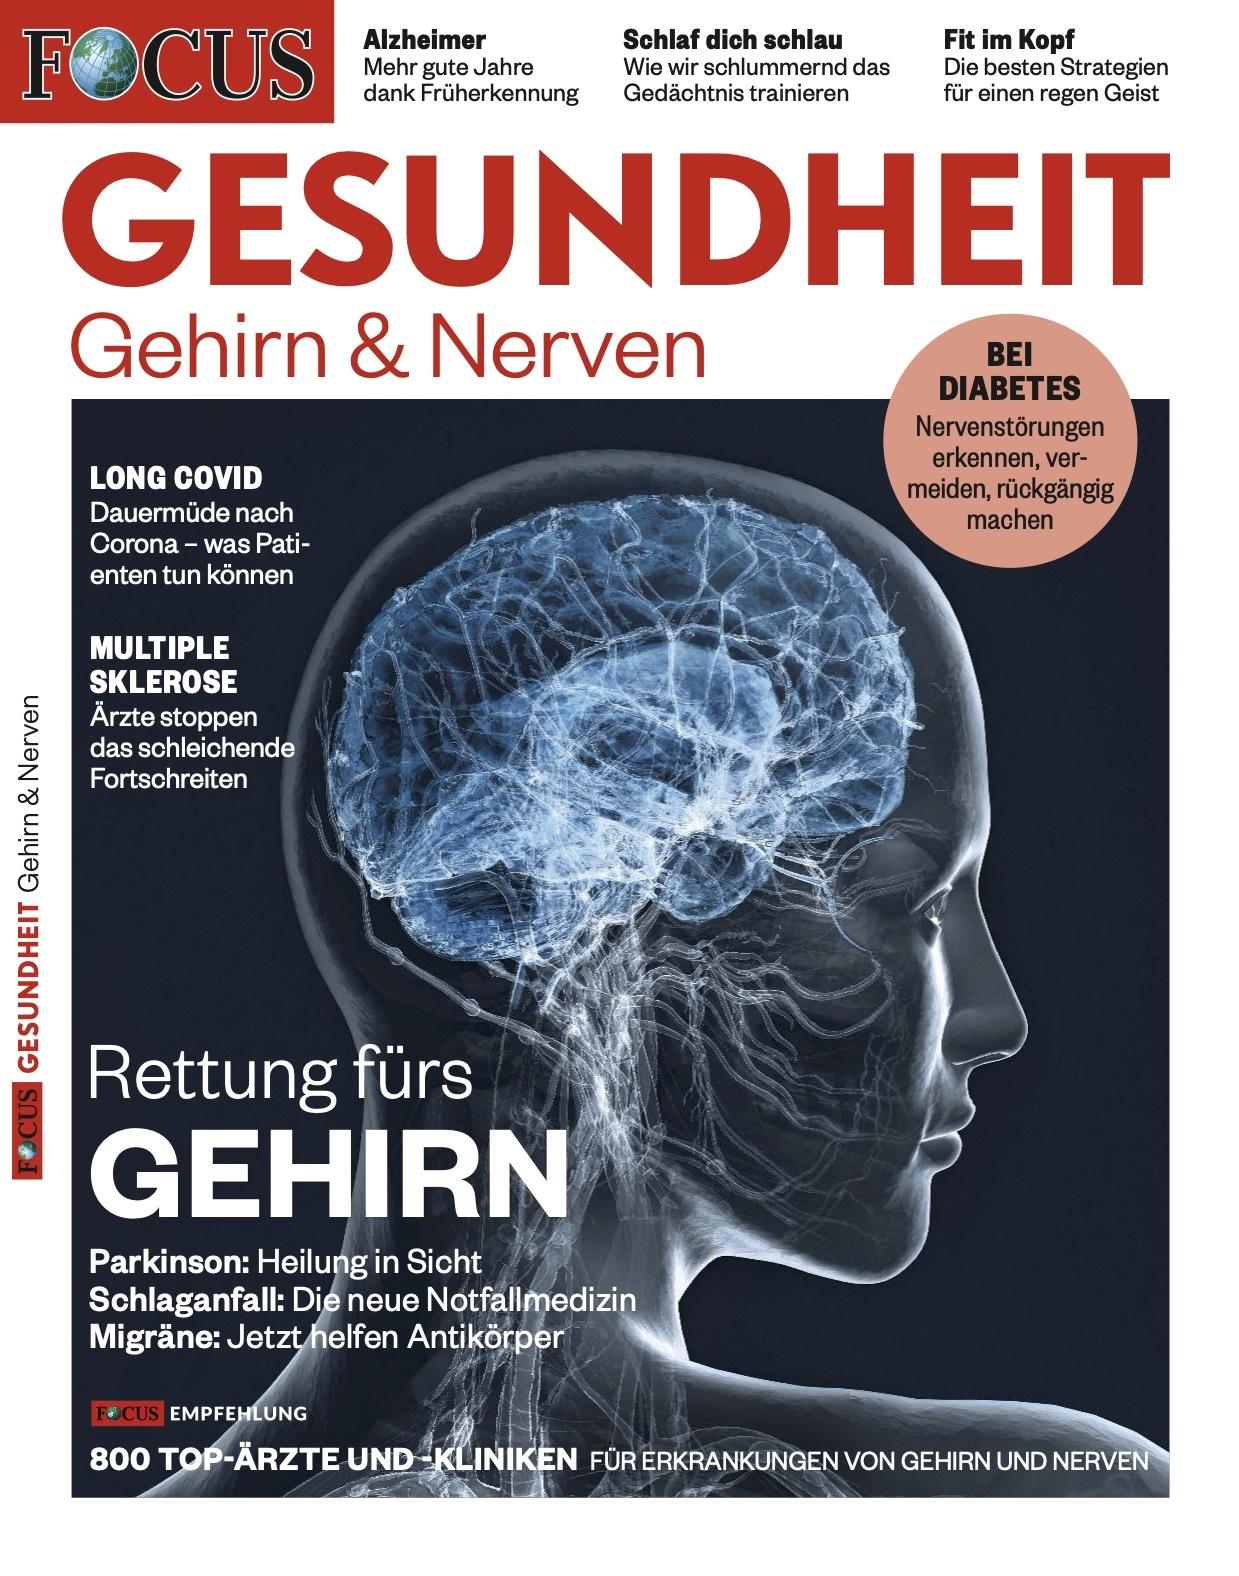 FOCUS-GESUNDHEIT FOCUS Gesundheit - Gehirn & Nerven 2021